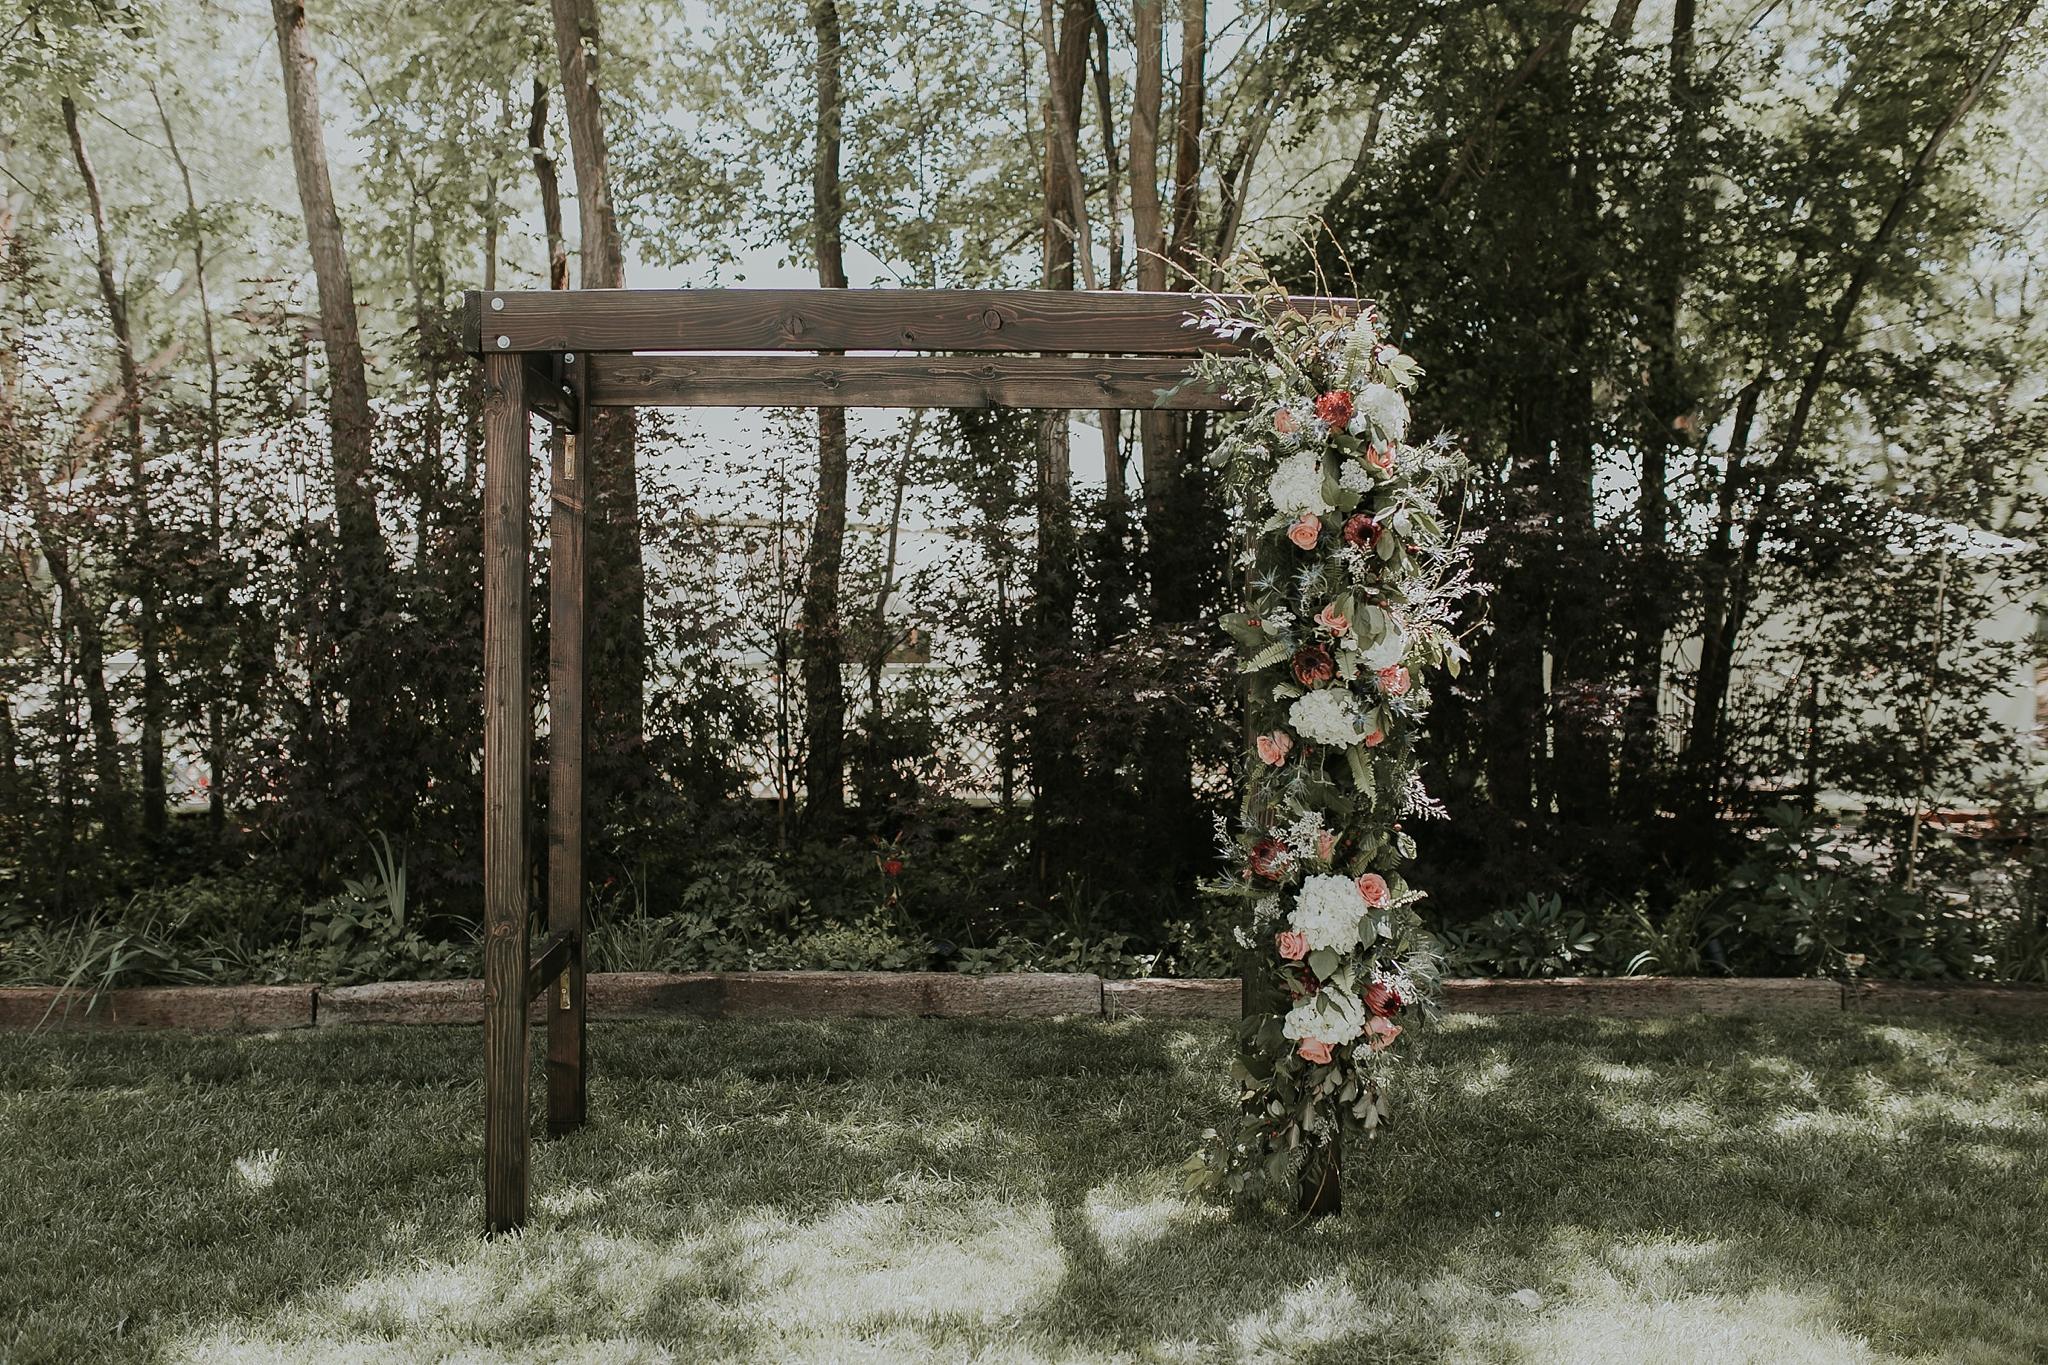 Alicia+lucia+photography+-+albuquerque+wedding+photographer+-+santa+fe+wedding+photography+-+new+mexico+wedding+photographer+-+wedding+ceremony+-+wedding+alter+-+floral+alter_0080.jpg